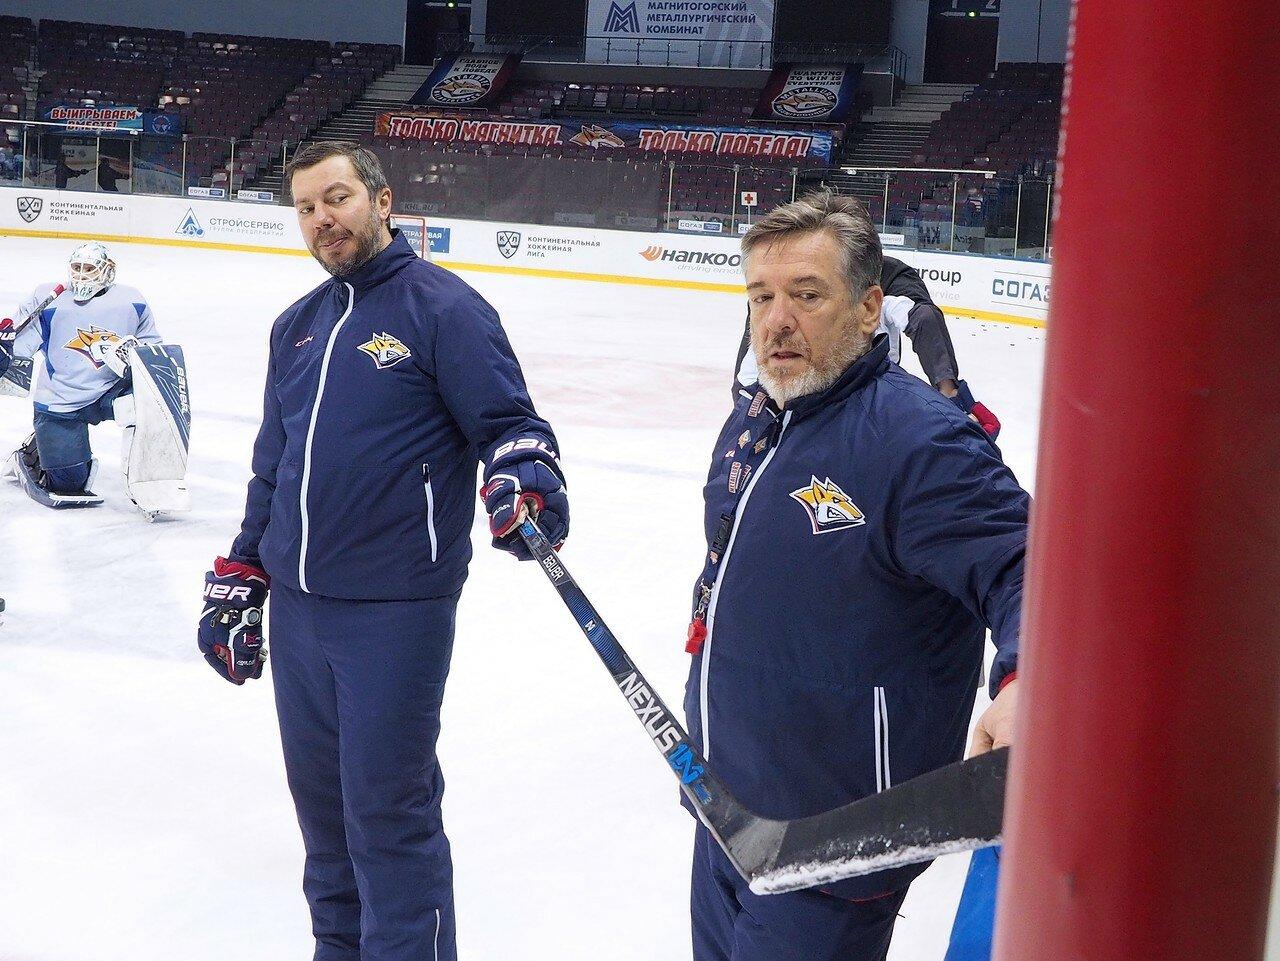 44 Открытая тренировка перед финалом плей-офф восточной конференции КХЛ 2017 22.03.2017